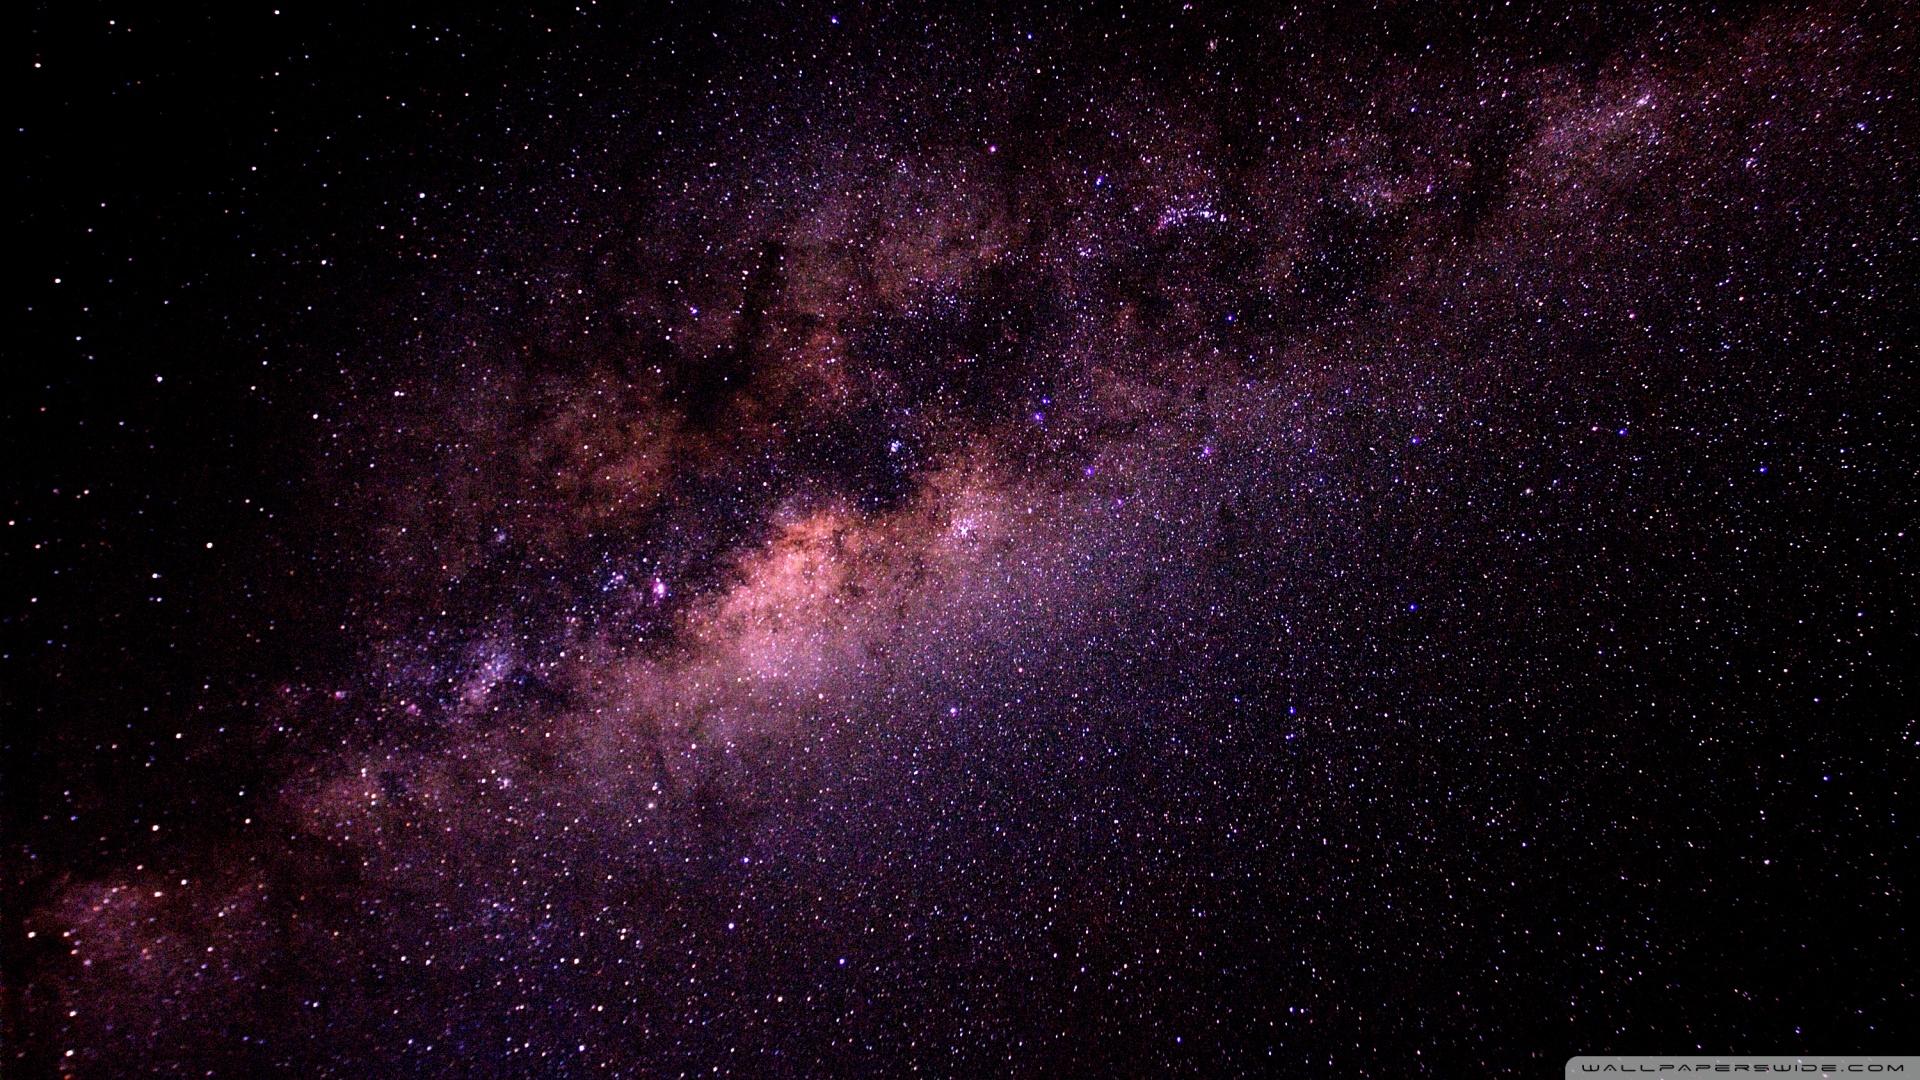 Milky Way Galaxy HD desktop wallpaper : Widescreen : High